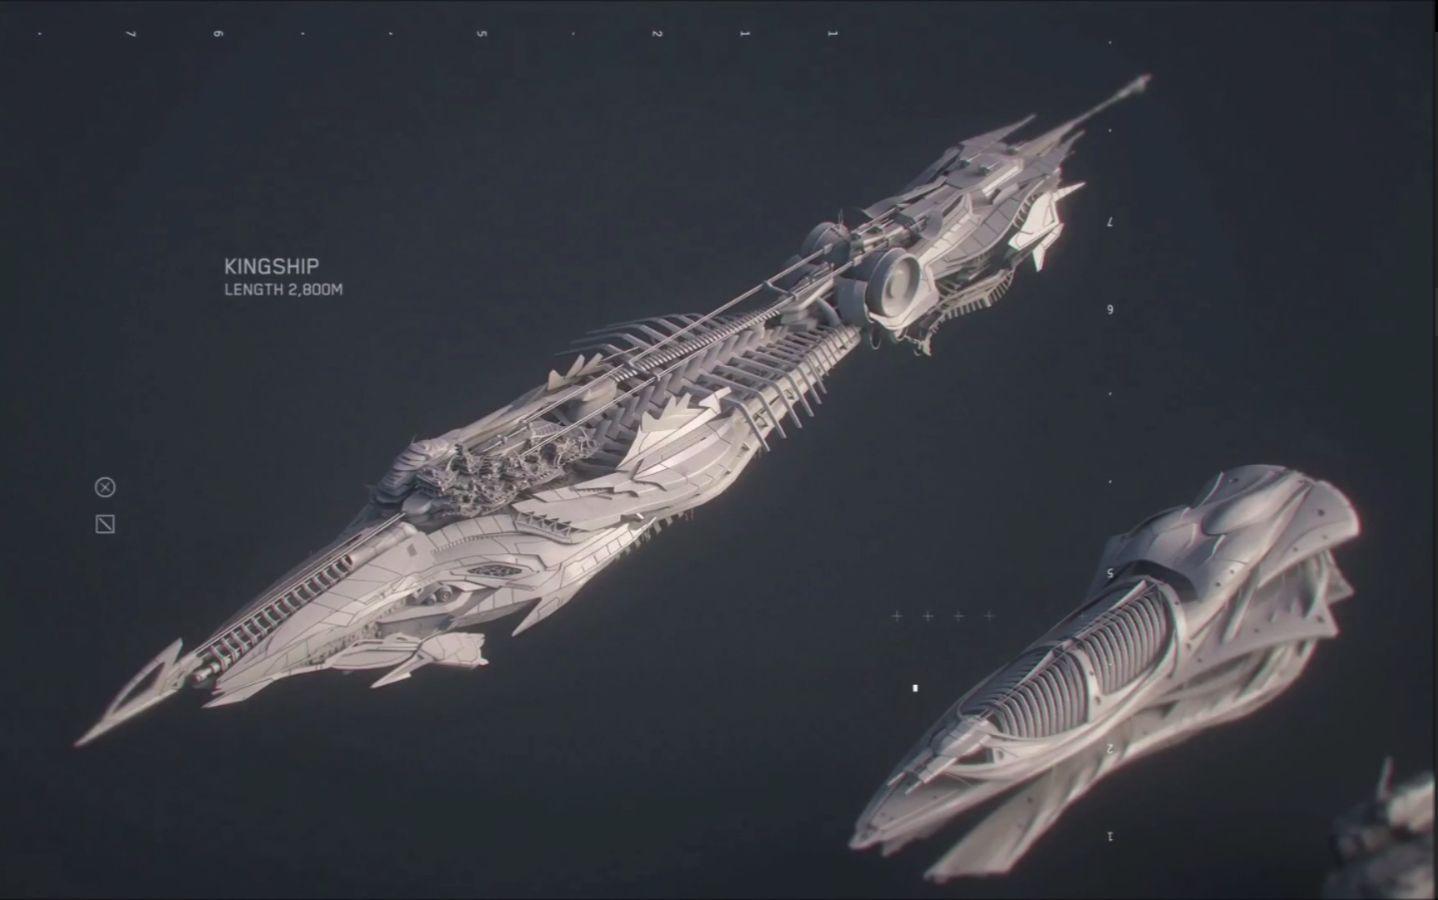 星际公民-飞船大小的对比